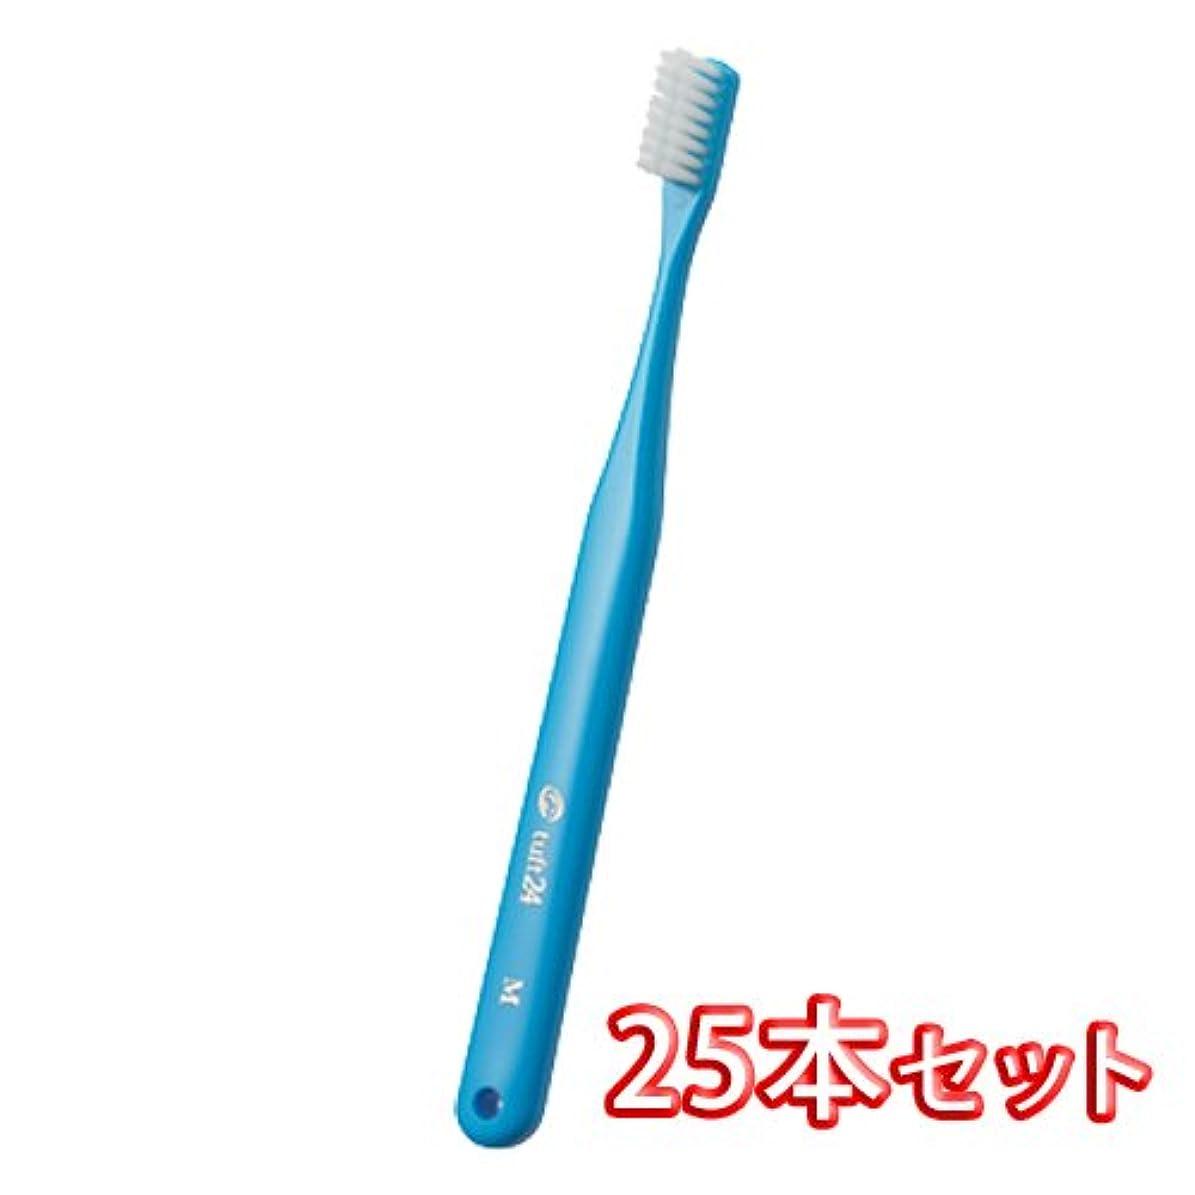 おパンサー解凍する、雪解け、霜解けオーラルケア キャップ付き タフト 24 歯ブラシ 25本入 ミディアムソフト MS (ブルー)